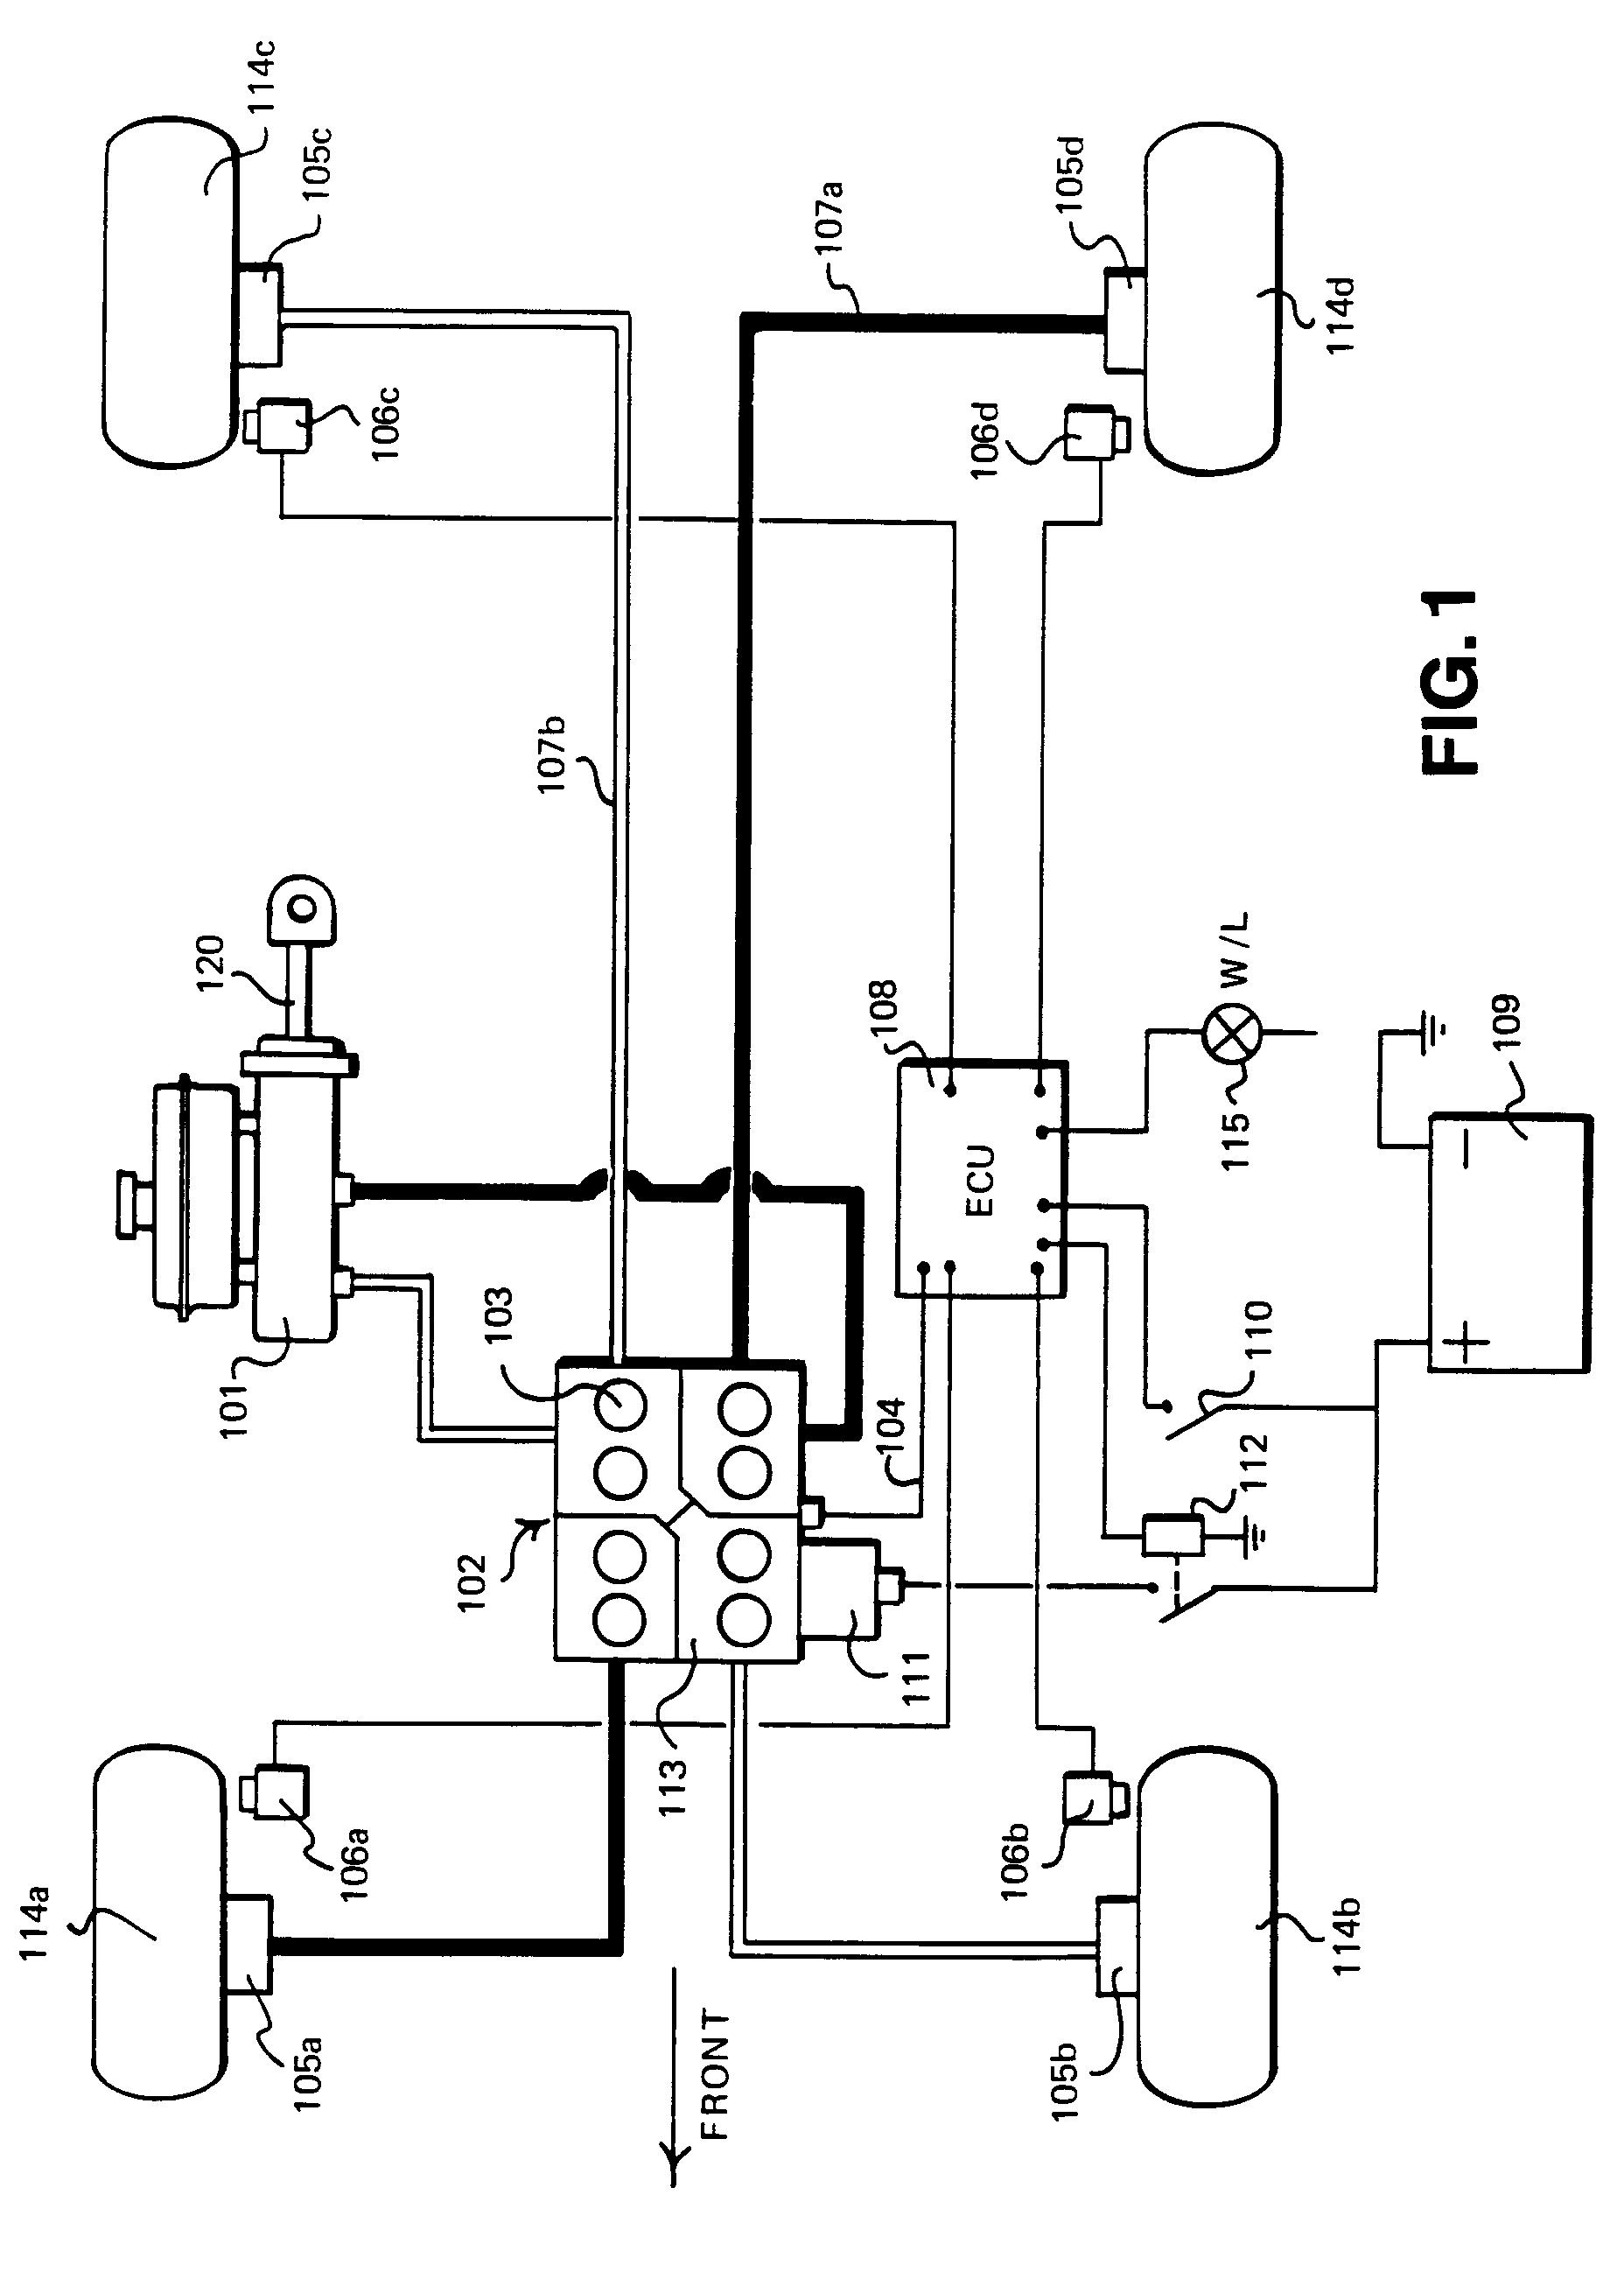 Dodge Ram Wiring Schematic